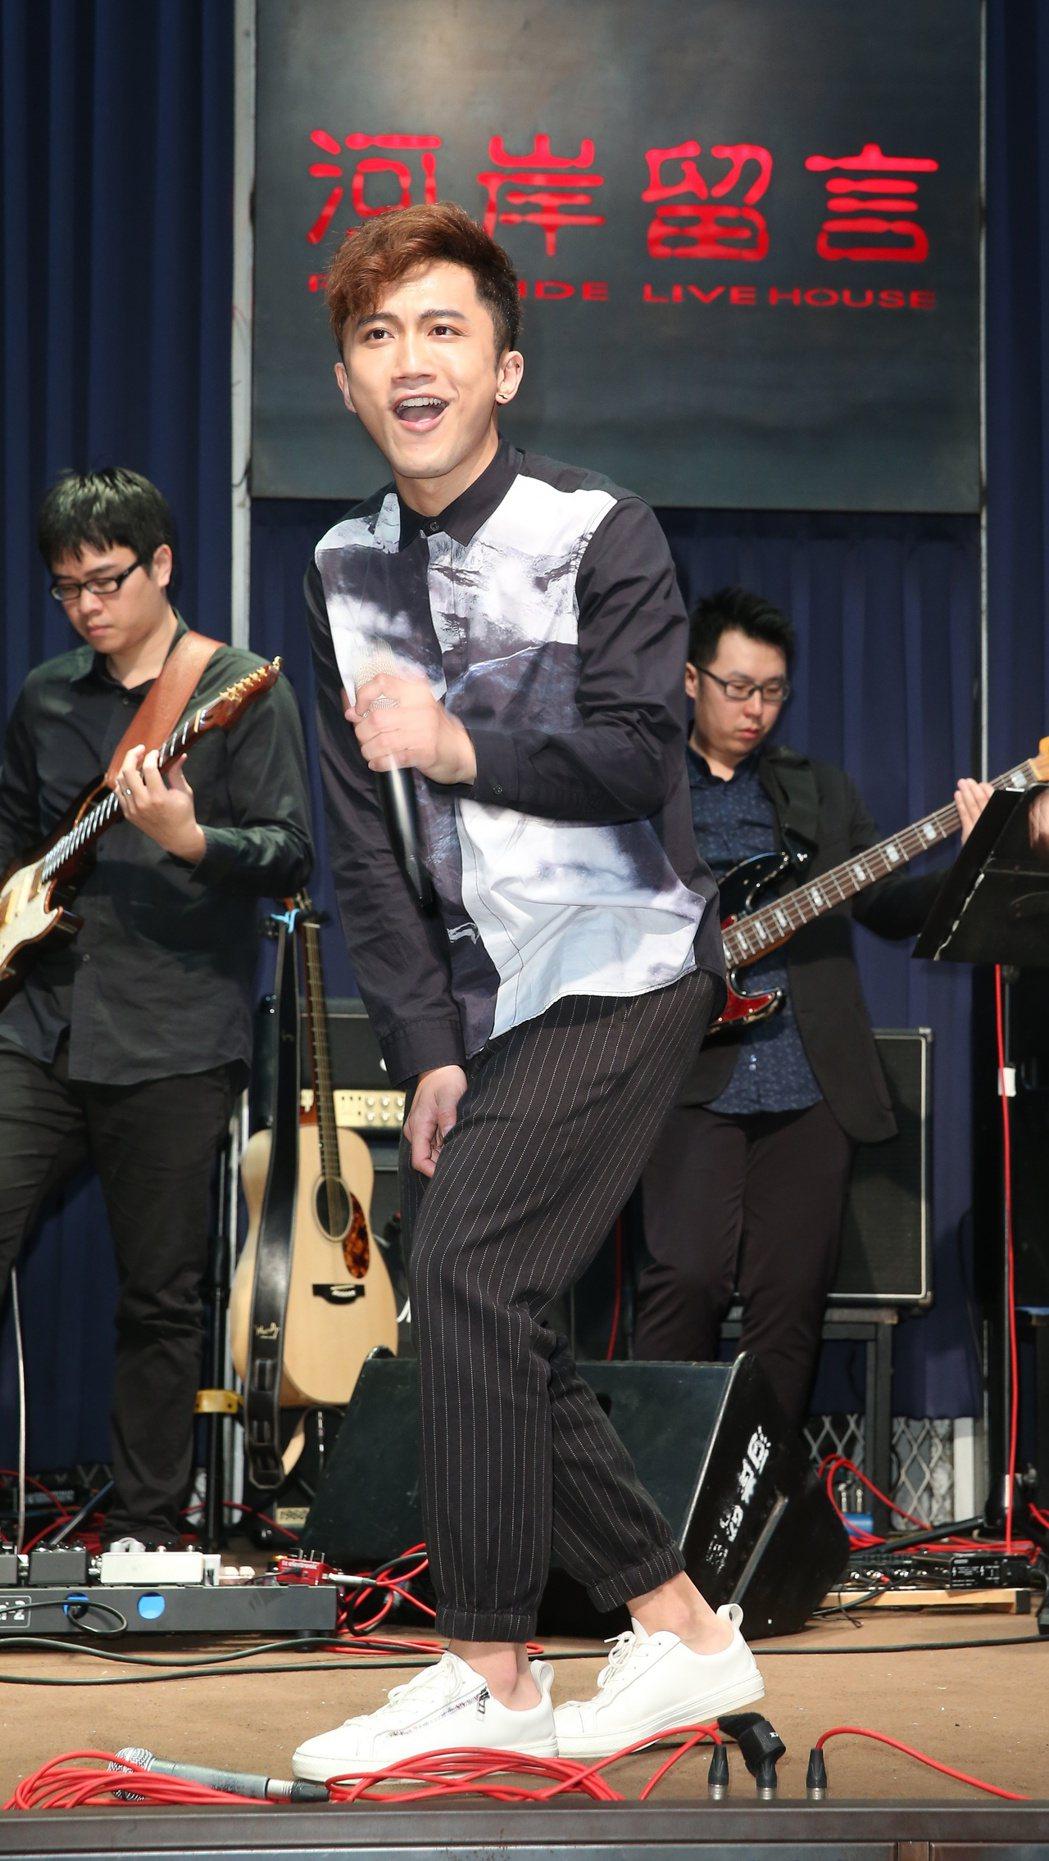 楊程鈞於西門町河岸流言舉辦新歌演唱會彩排。記者陳立凱/攝影